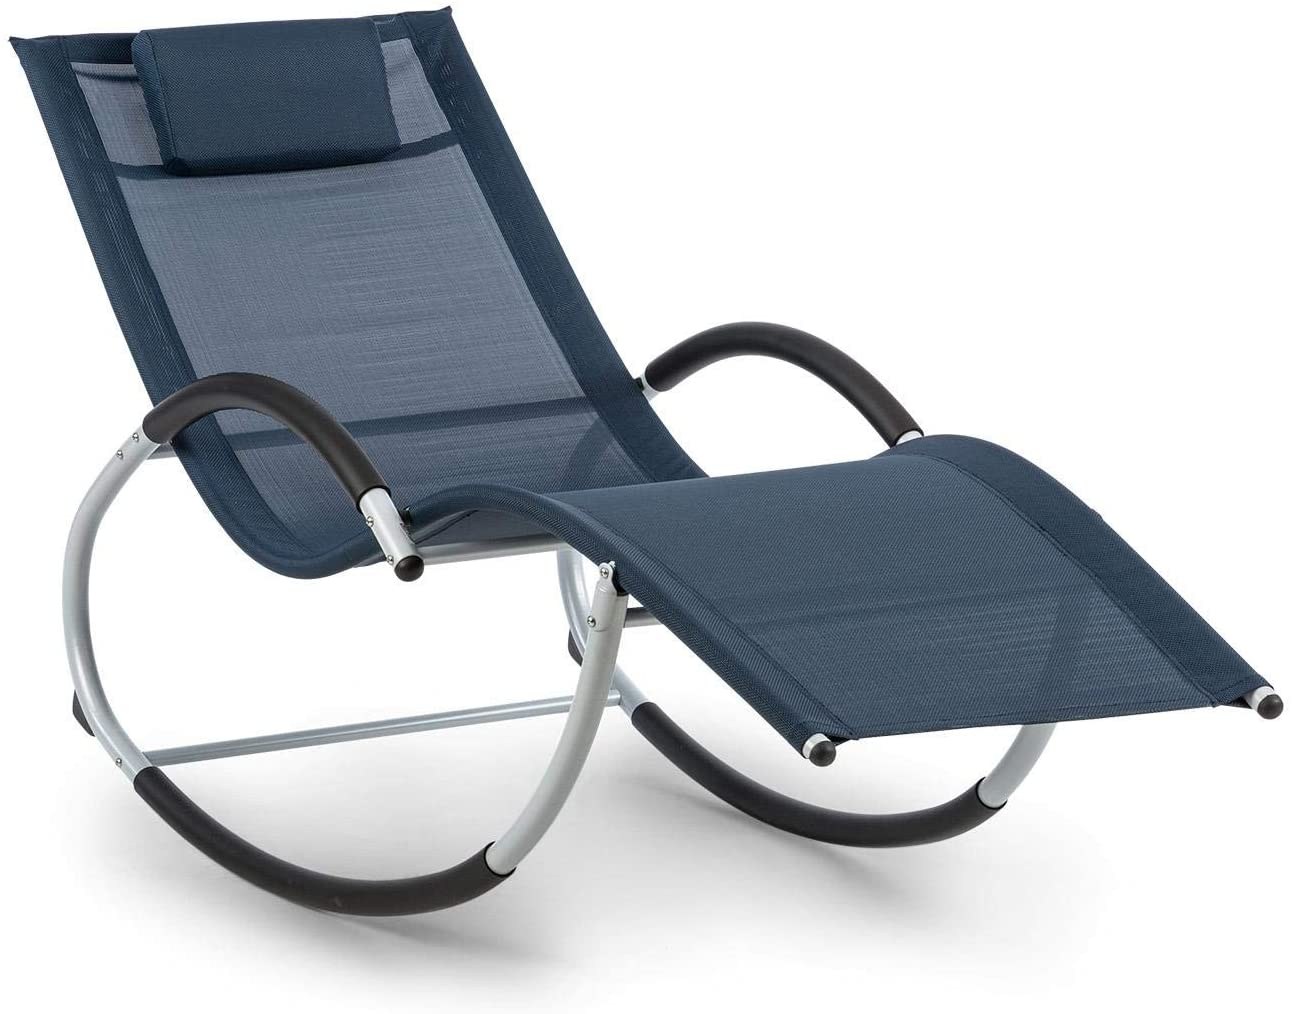 Full Size of Amazonde Blumfeldt Westwood Rocking Chair Schaukelliege Bett Ausklappbar Ausklappbares Wohnzimmer Schaukelliege Klappbar